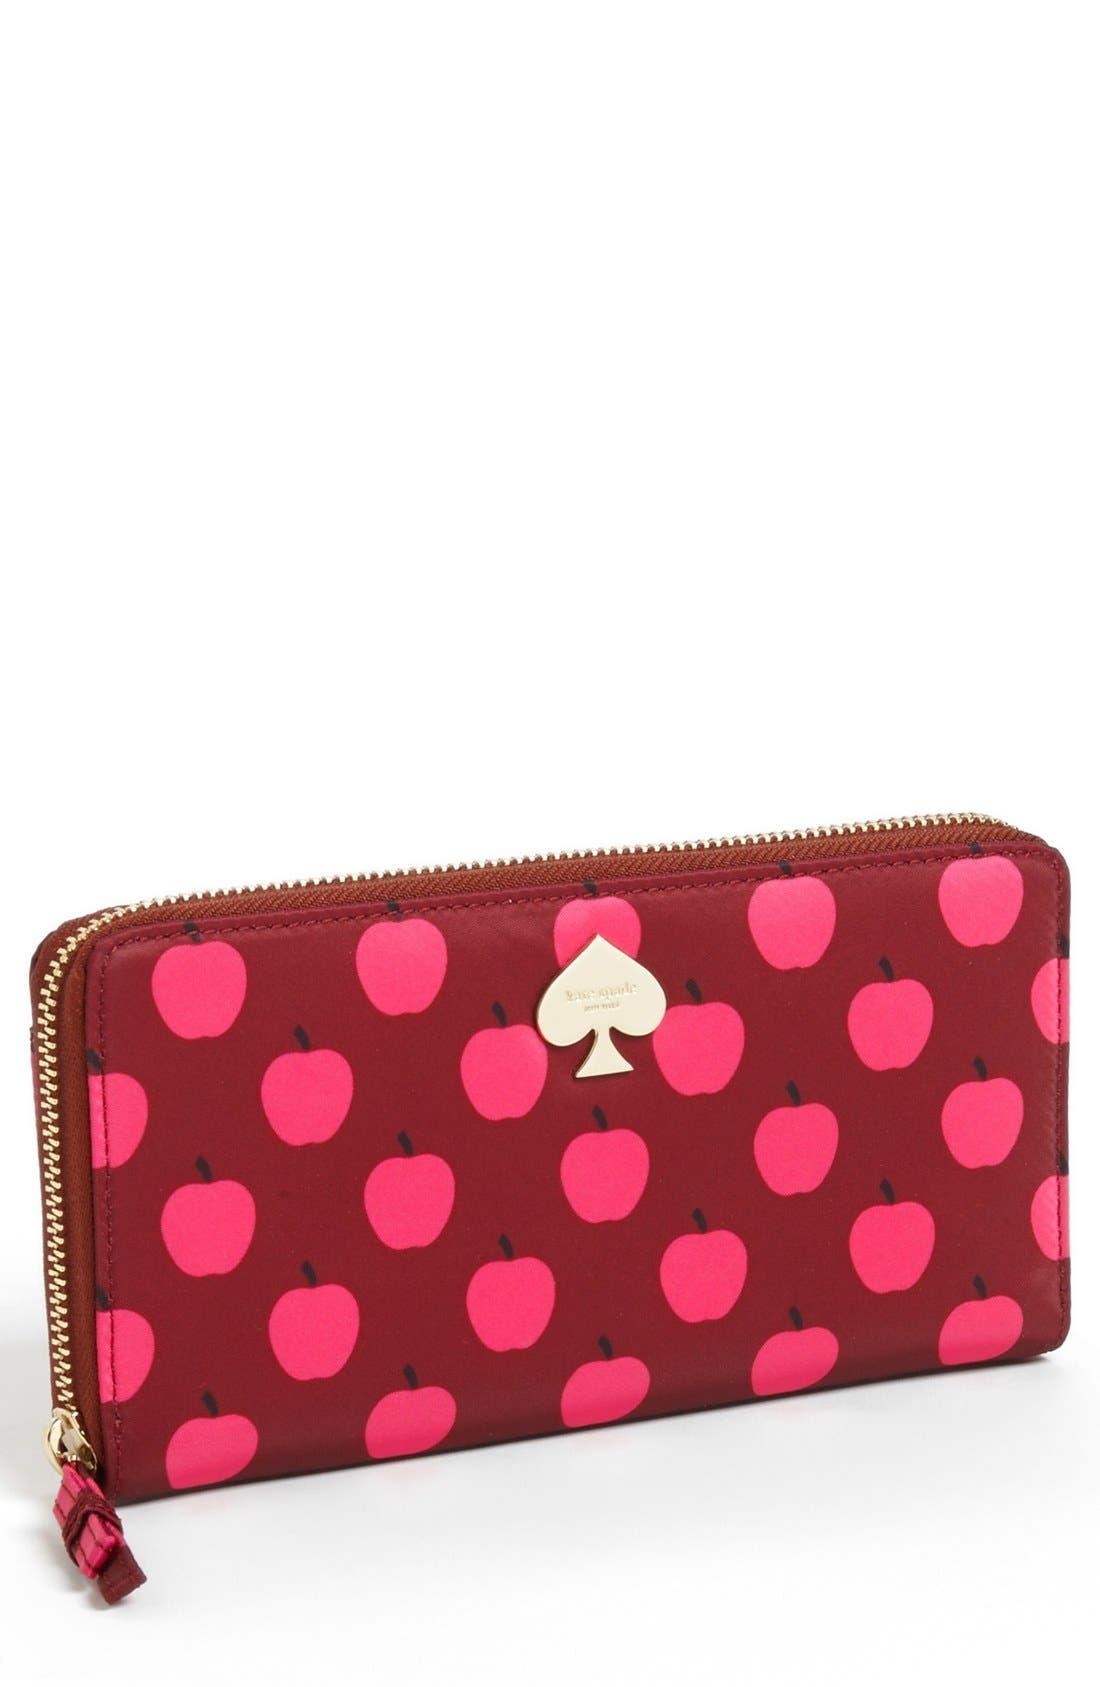 Main Image - kate spade new york 'flatiron - lacey' wallet